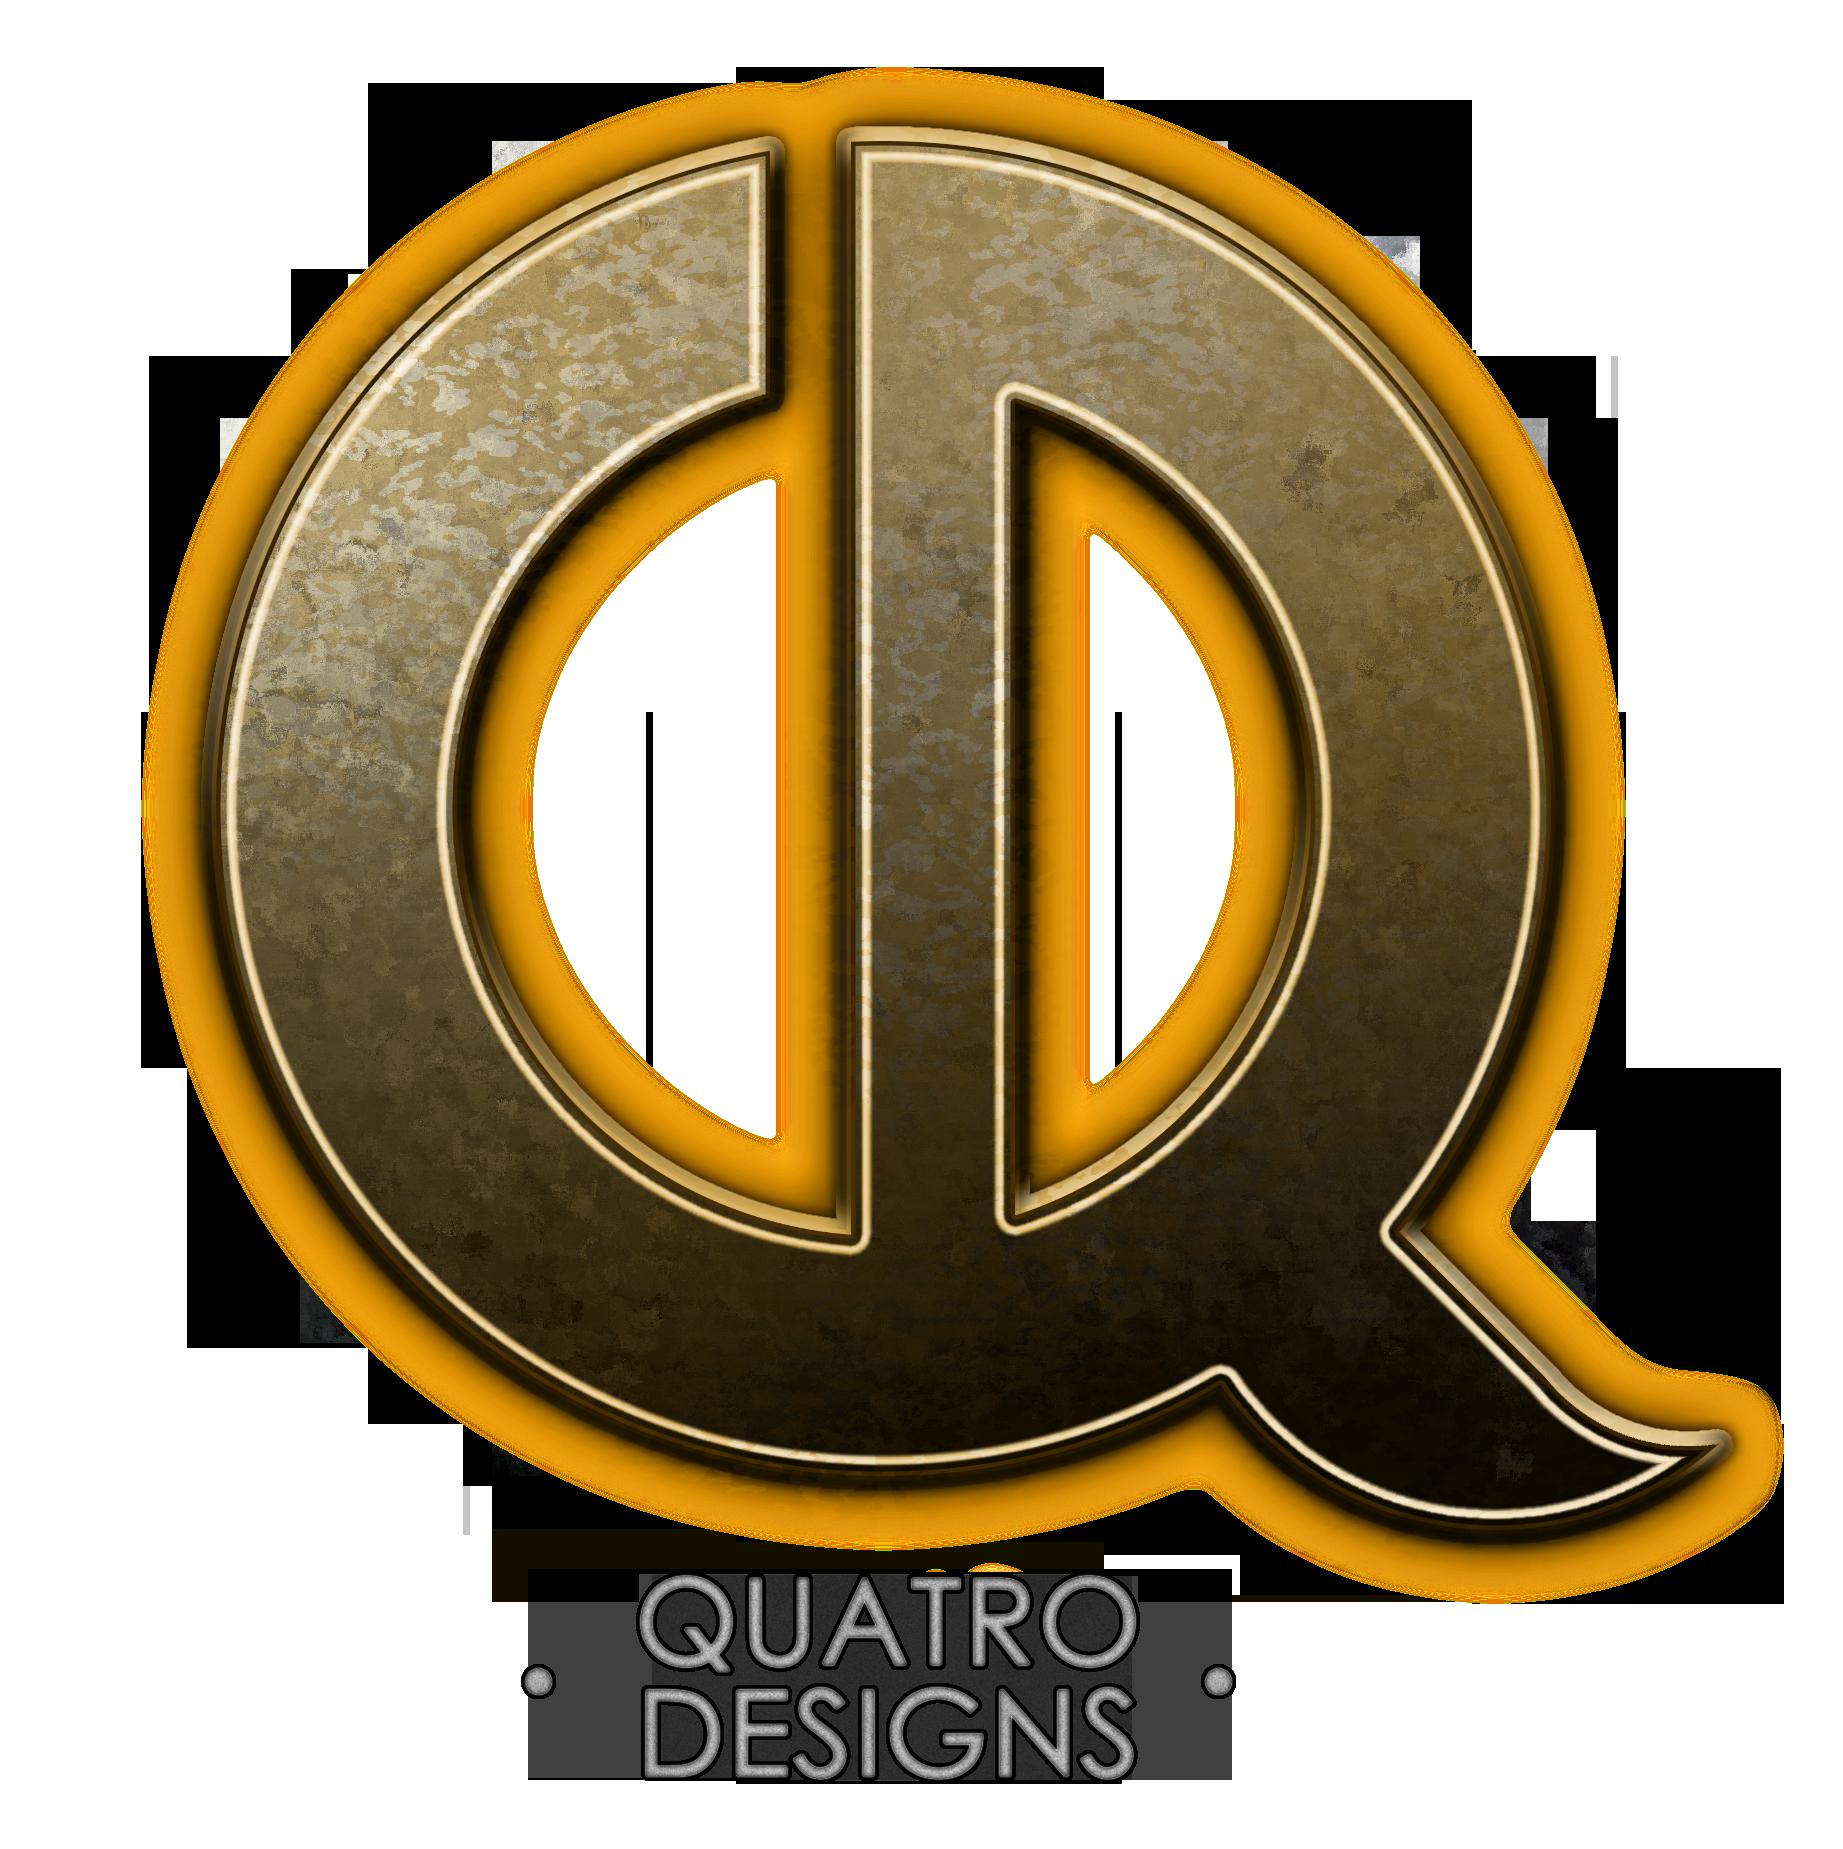 Quatro Designs